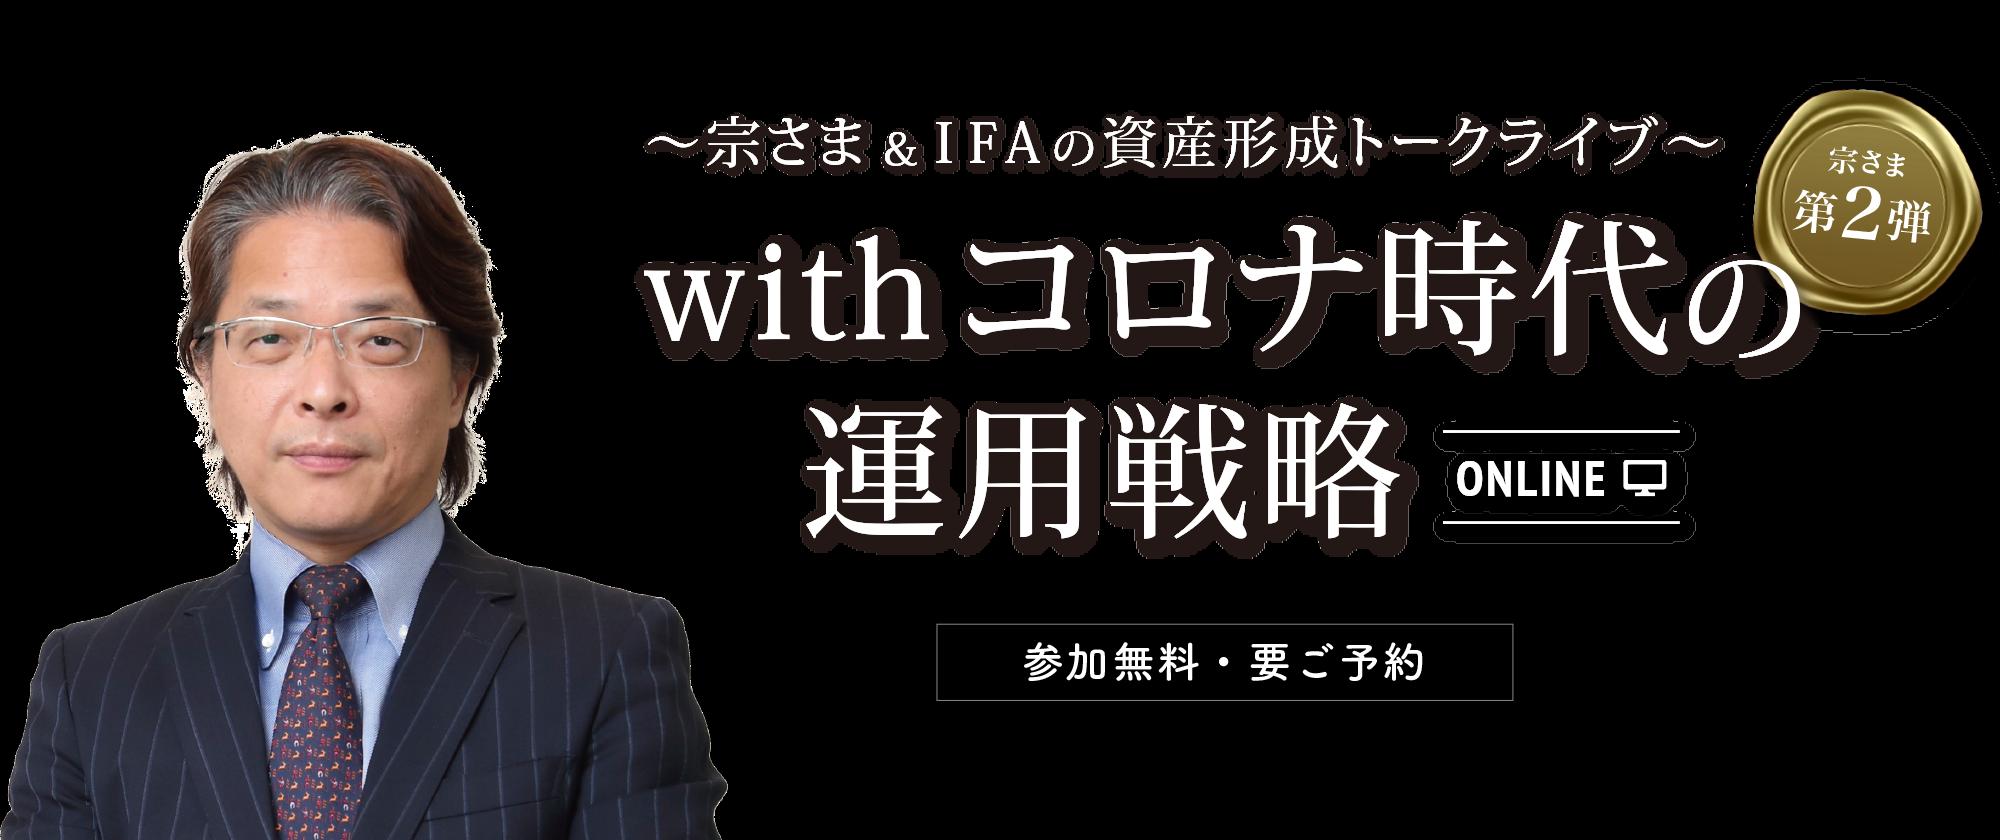 宗さま&IFAの資産形成トークライブ~2人のプロが語る!賢い投資信託の選び方~